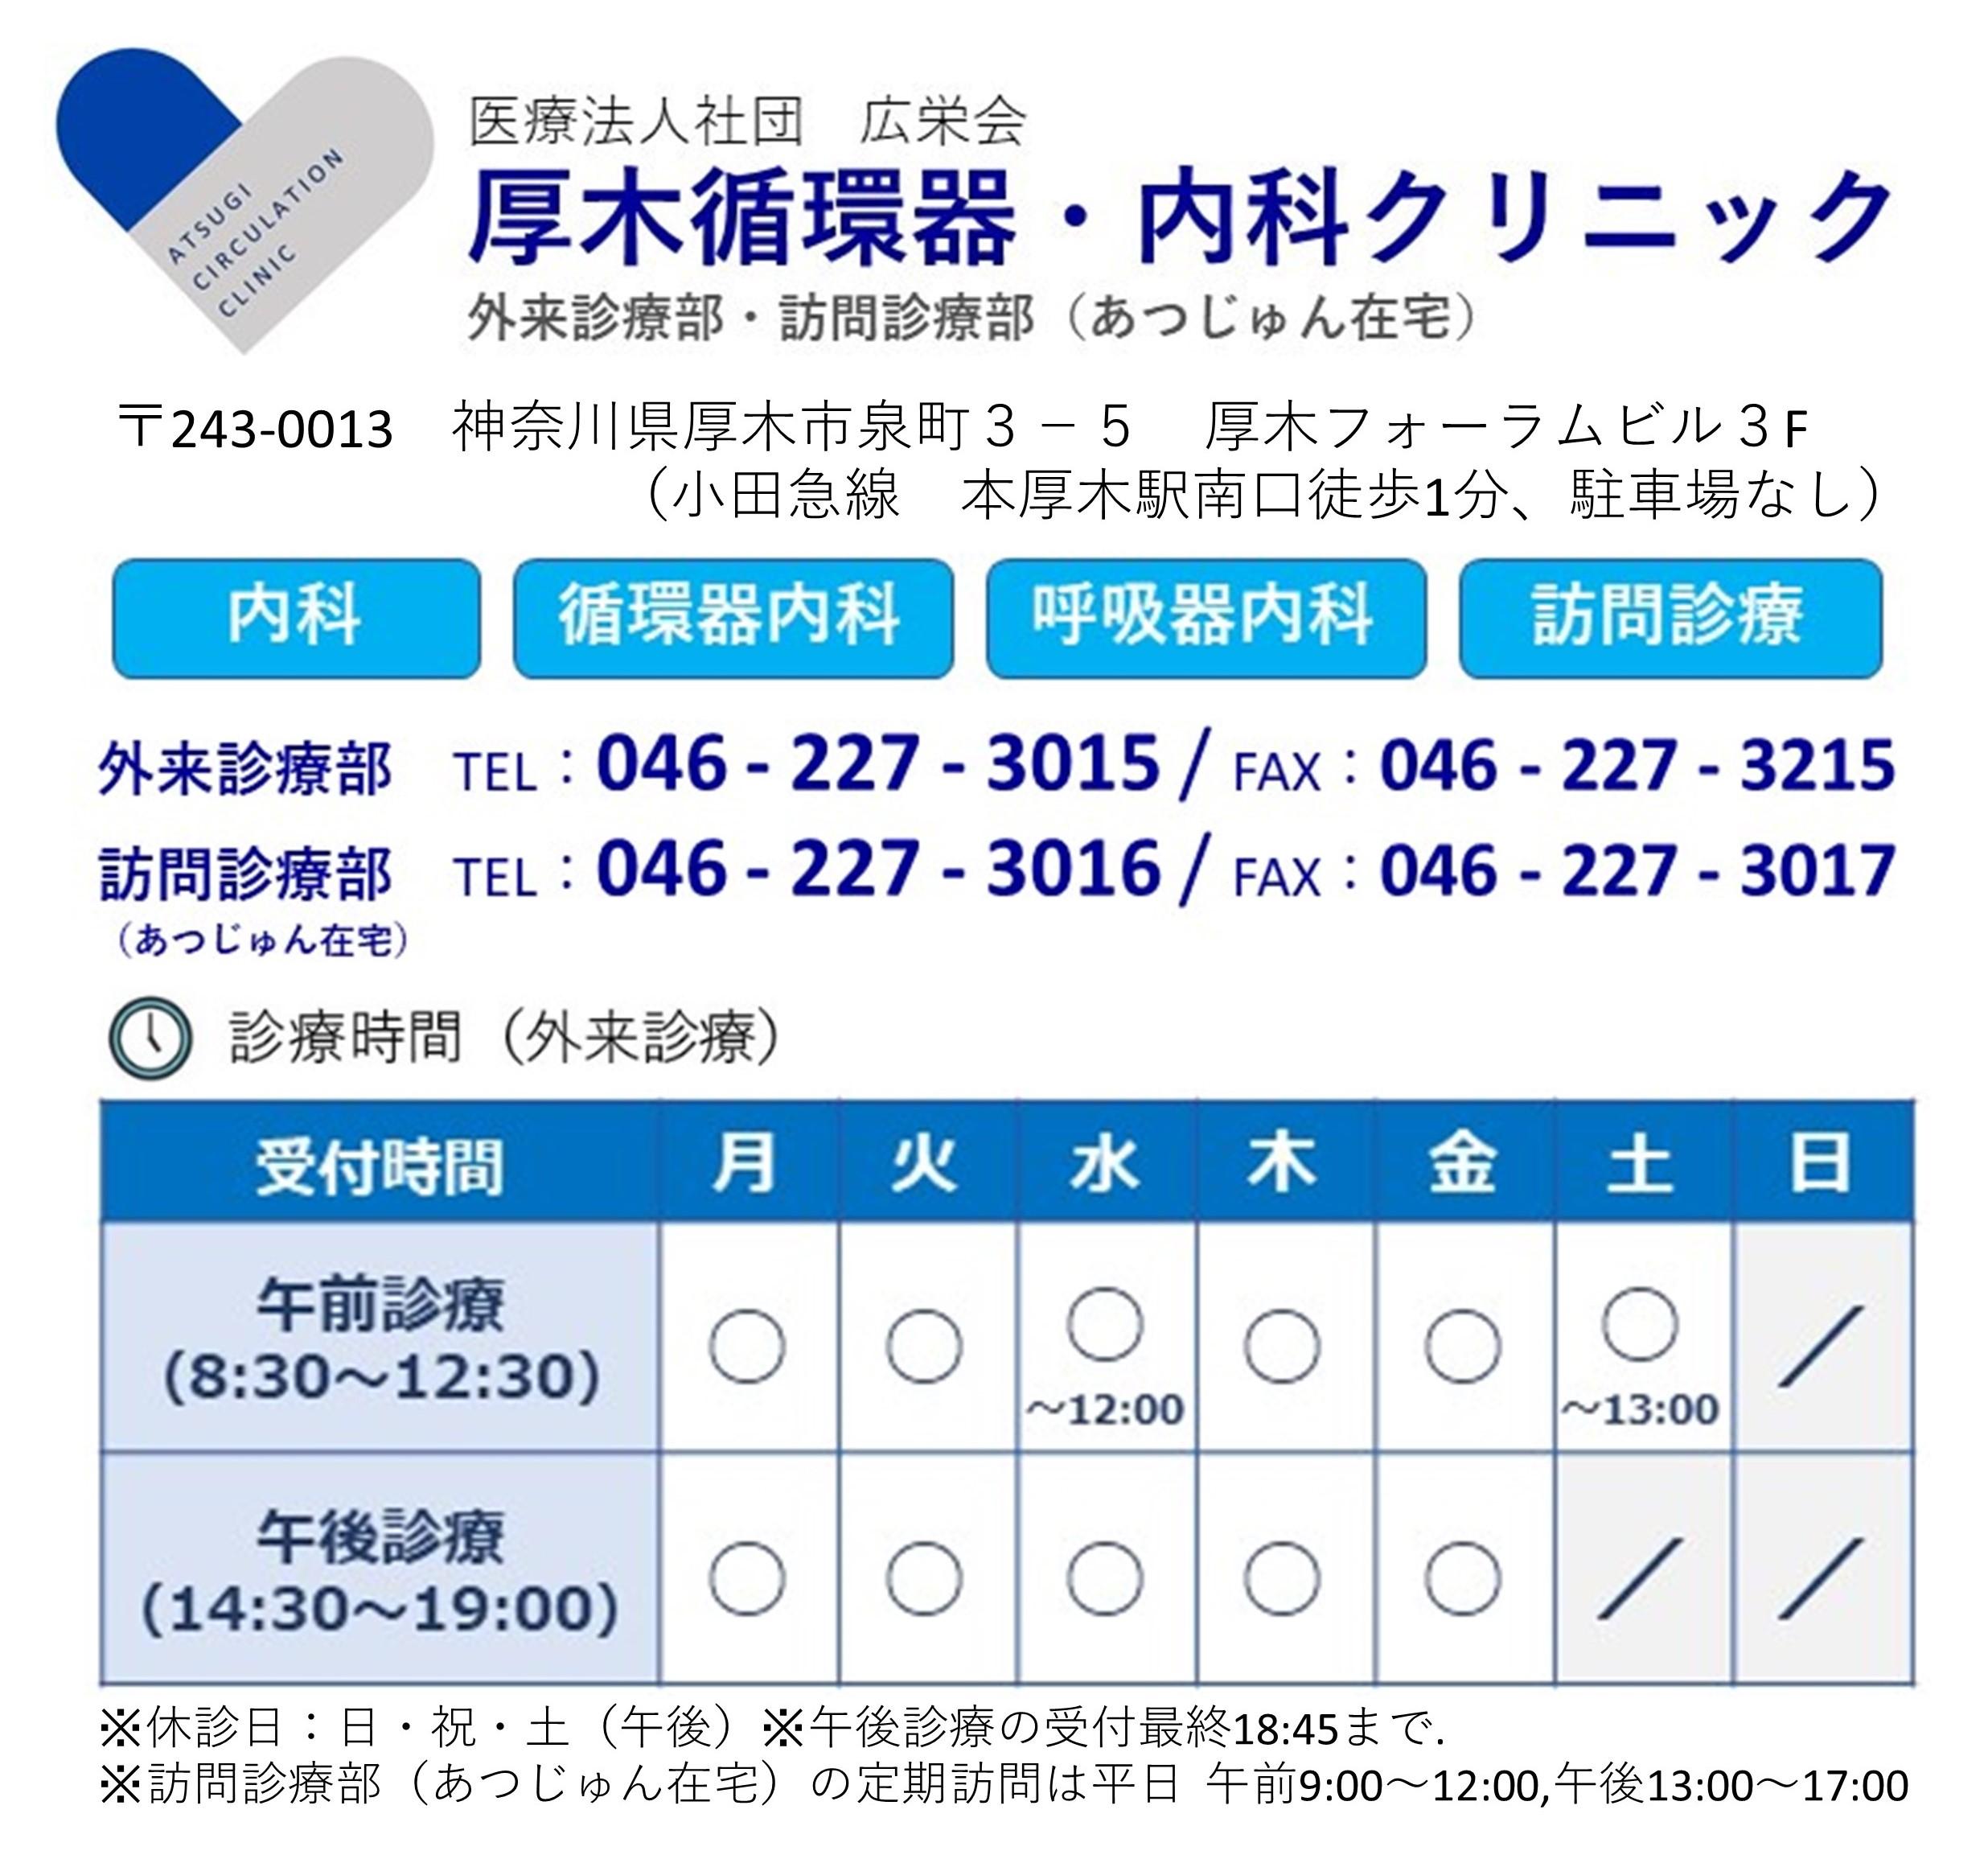 住所 神奈川県厚木市泉町3−5 外来診療 TEL:046-227-3015 訪問診療 TEL:046-227-3016